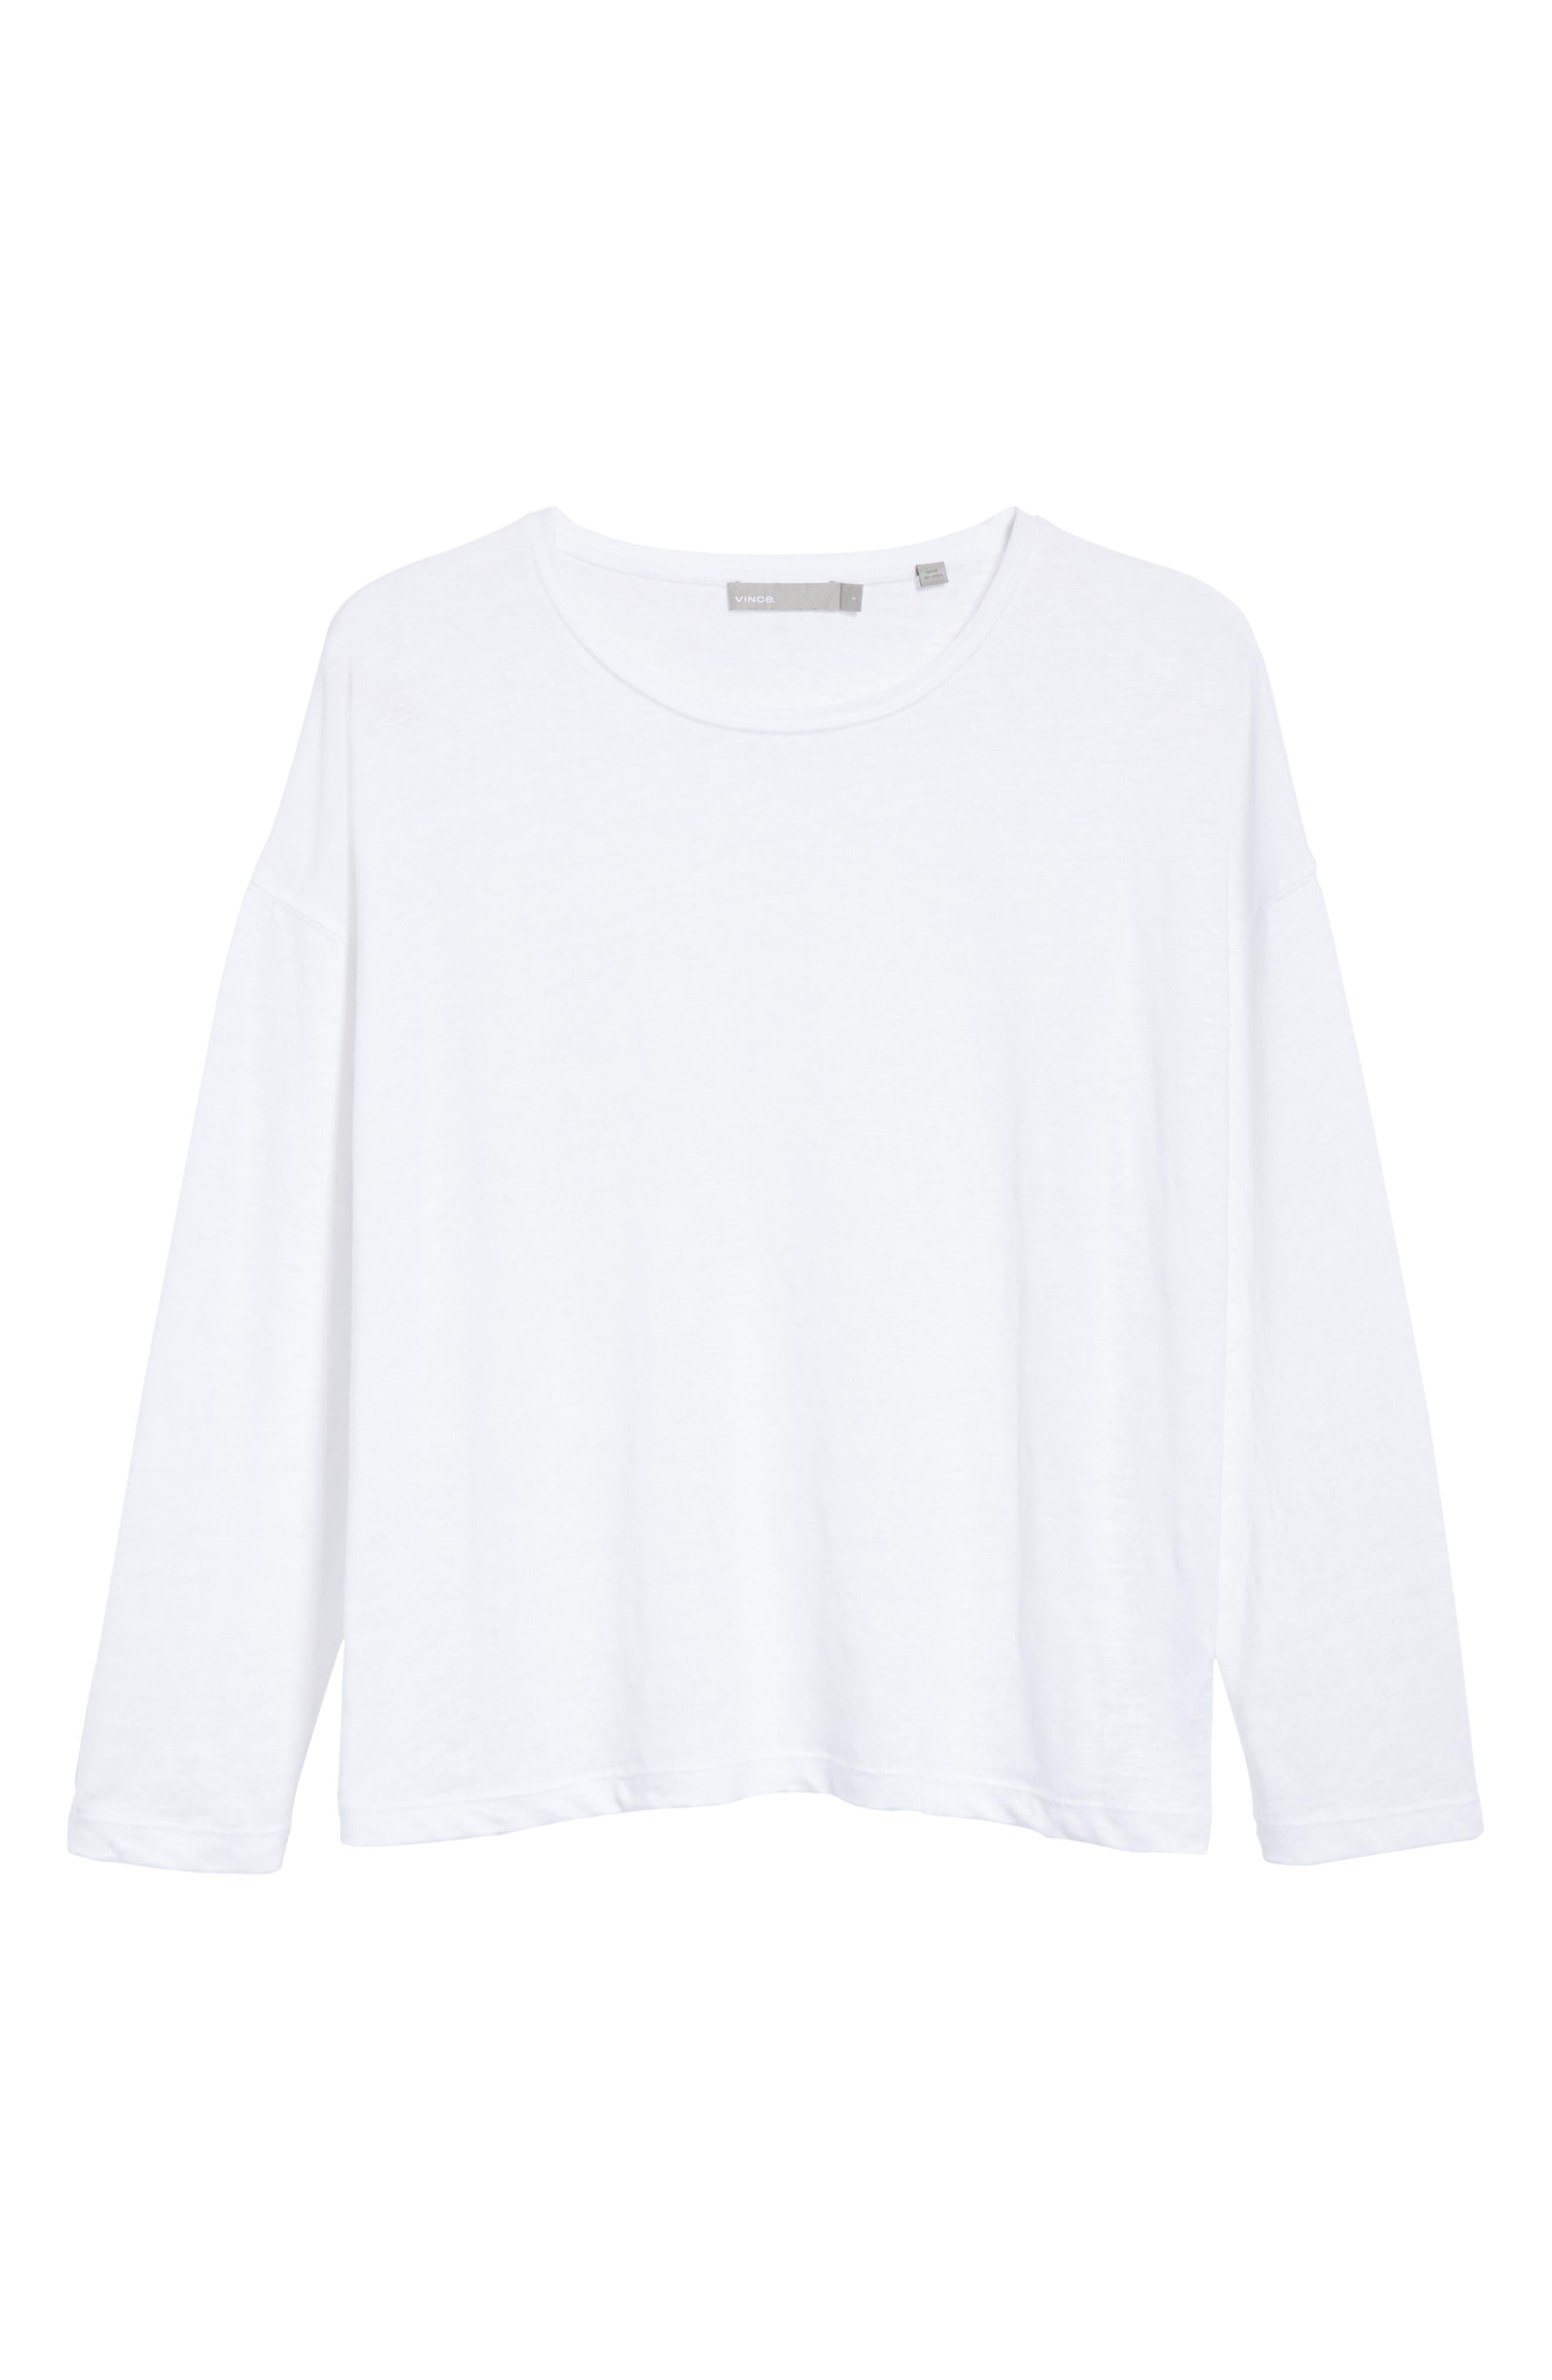 Shrunken Linen Long Sleeve Top,                             Alternate thumbnail 6, color,                             137